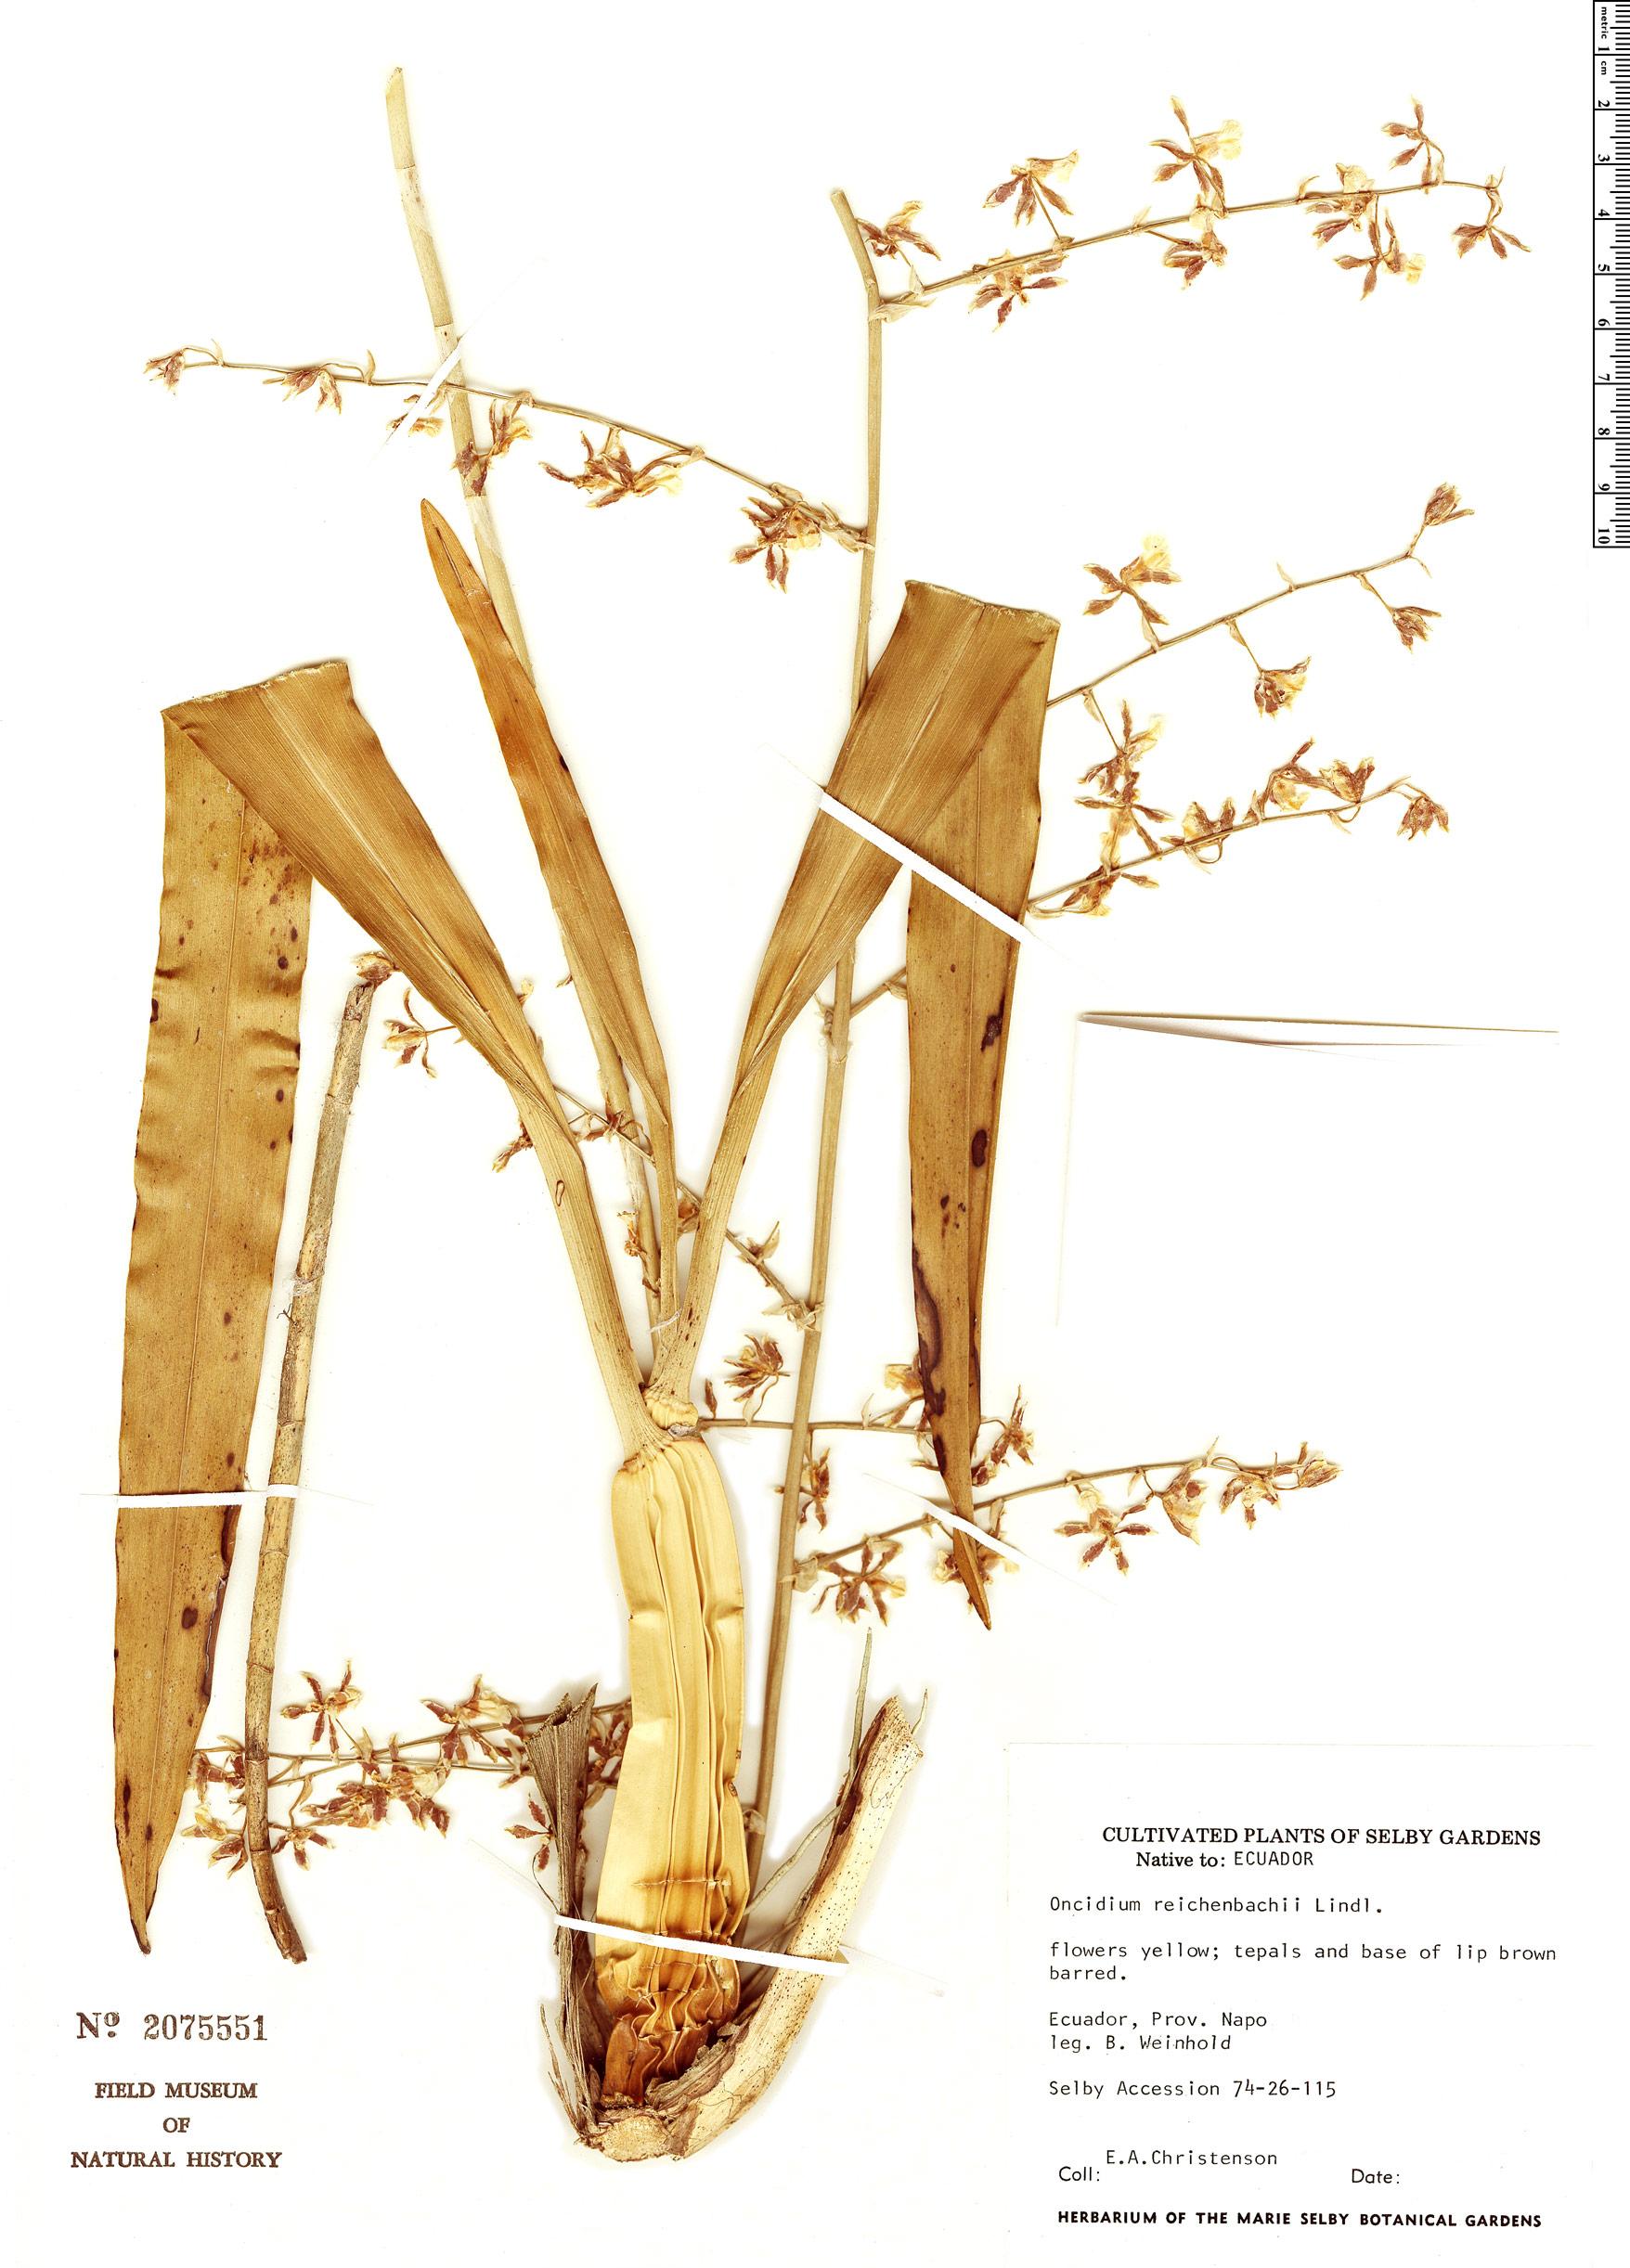 Specimen: Oncidium reichenbachii